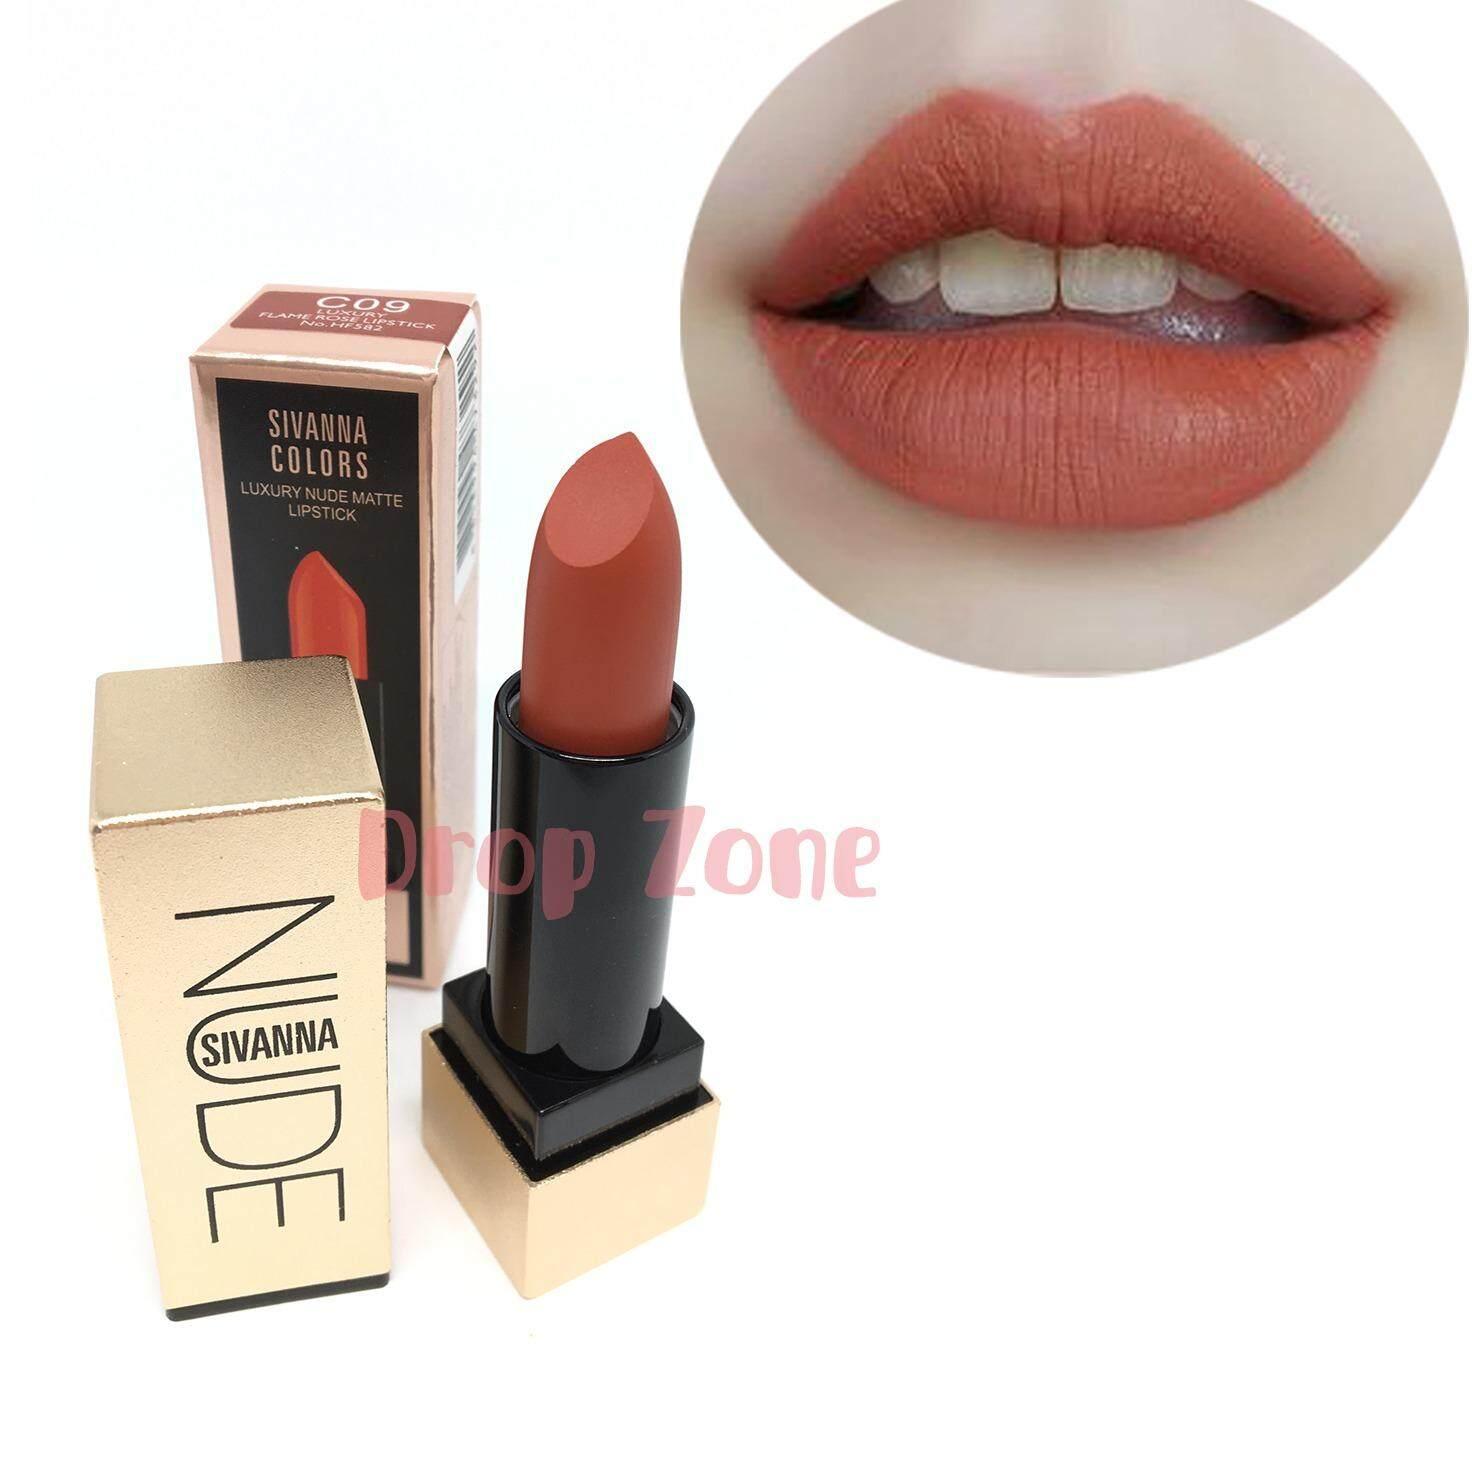 ราคา Sivanna N*d* Lipstick Matte ลิปสติก เนื้อแมท กลบสีปาก ทาแล้วหน้าดูสว่างออร่า สไตล์เกาหลี ติดทน กันน้ำ Sivanna เป็นต้นฉบับ